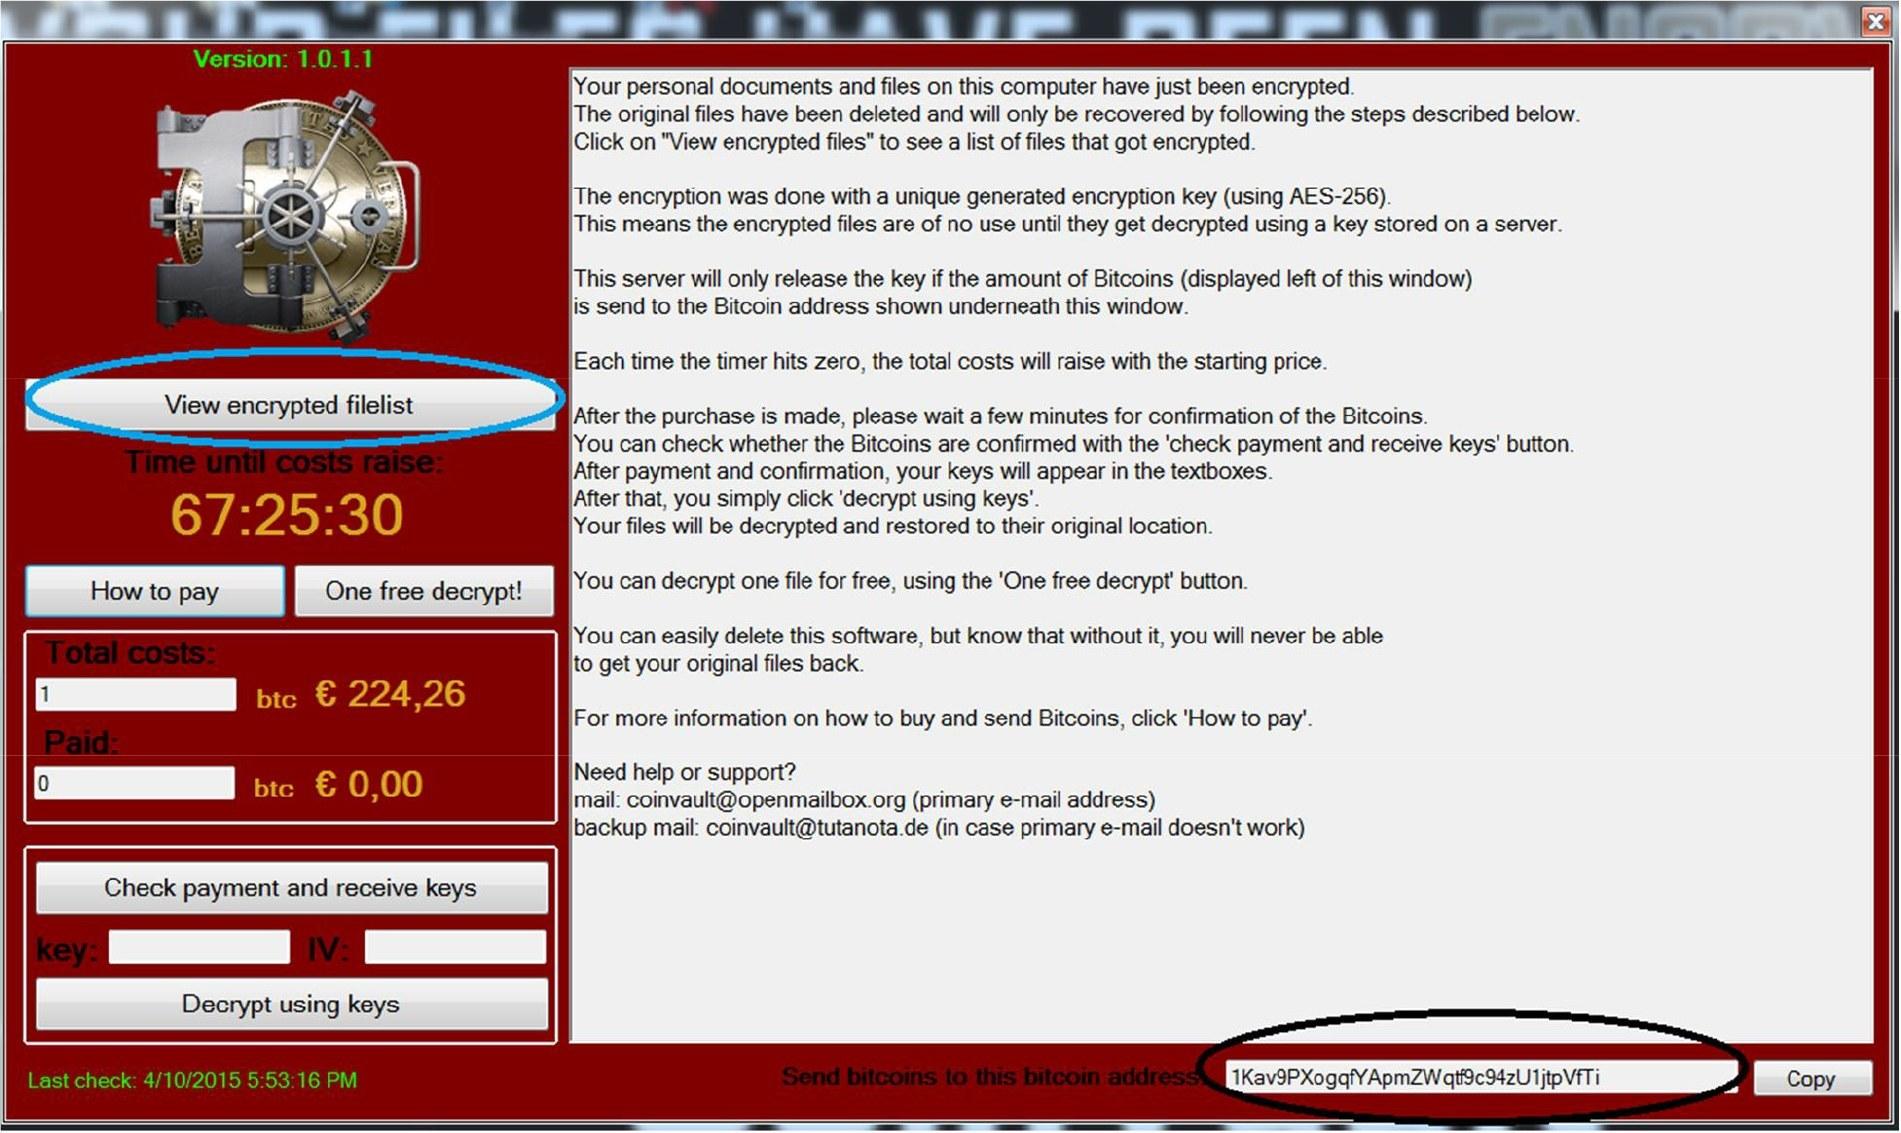 Zrzut ekranu komputera zainfekowanego szkodliwym oprogramowaniem CoinVault